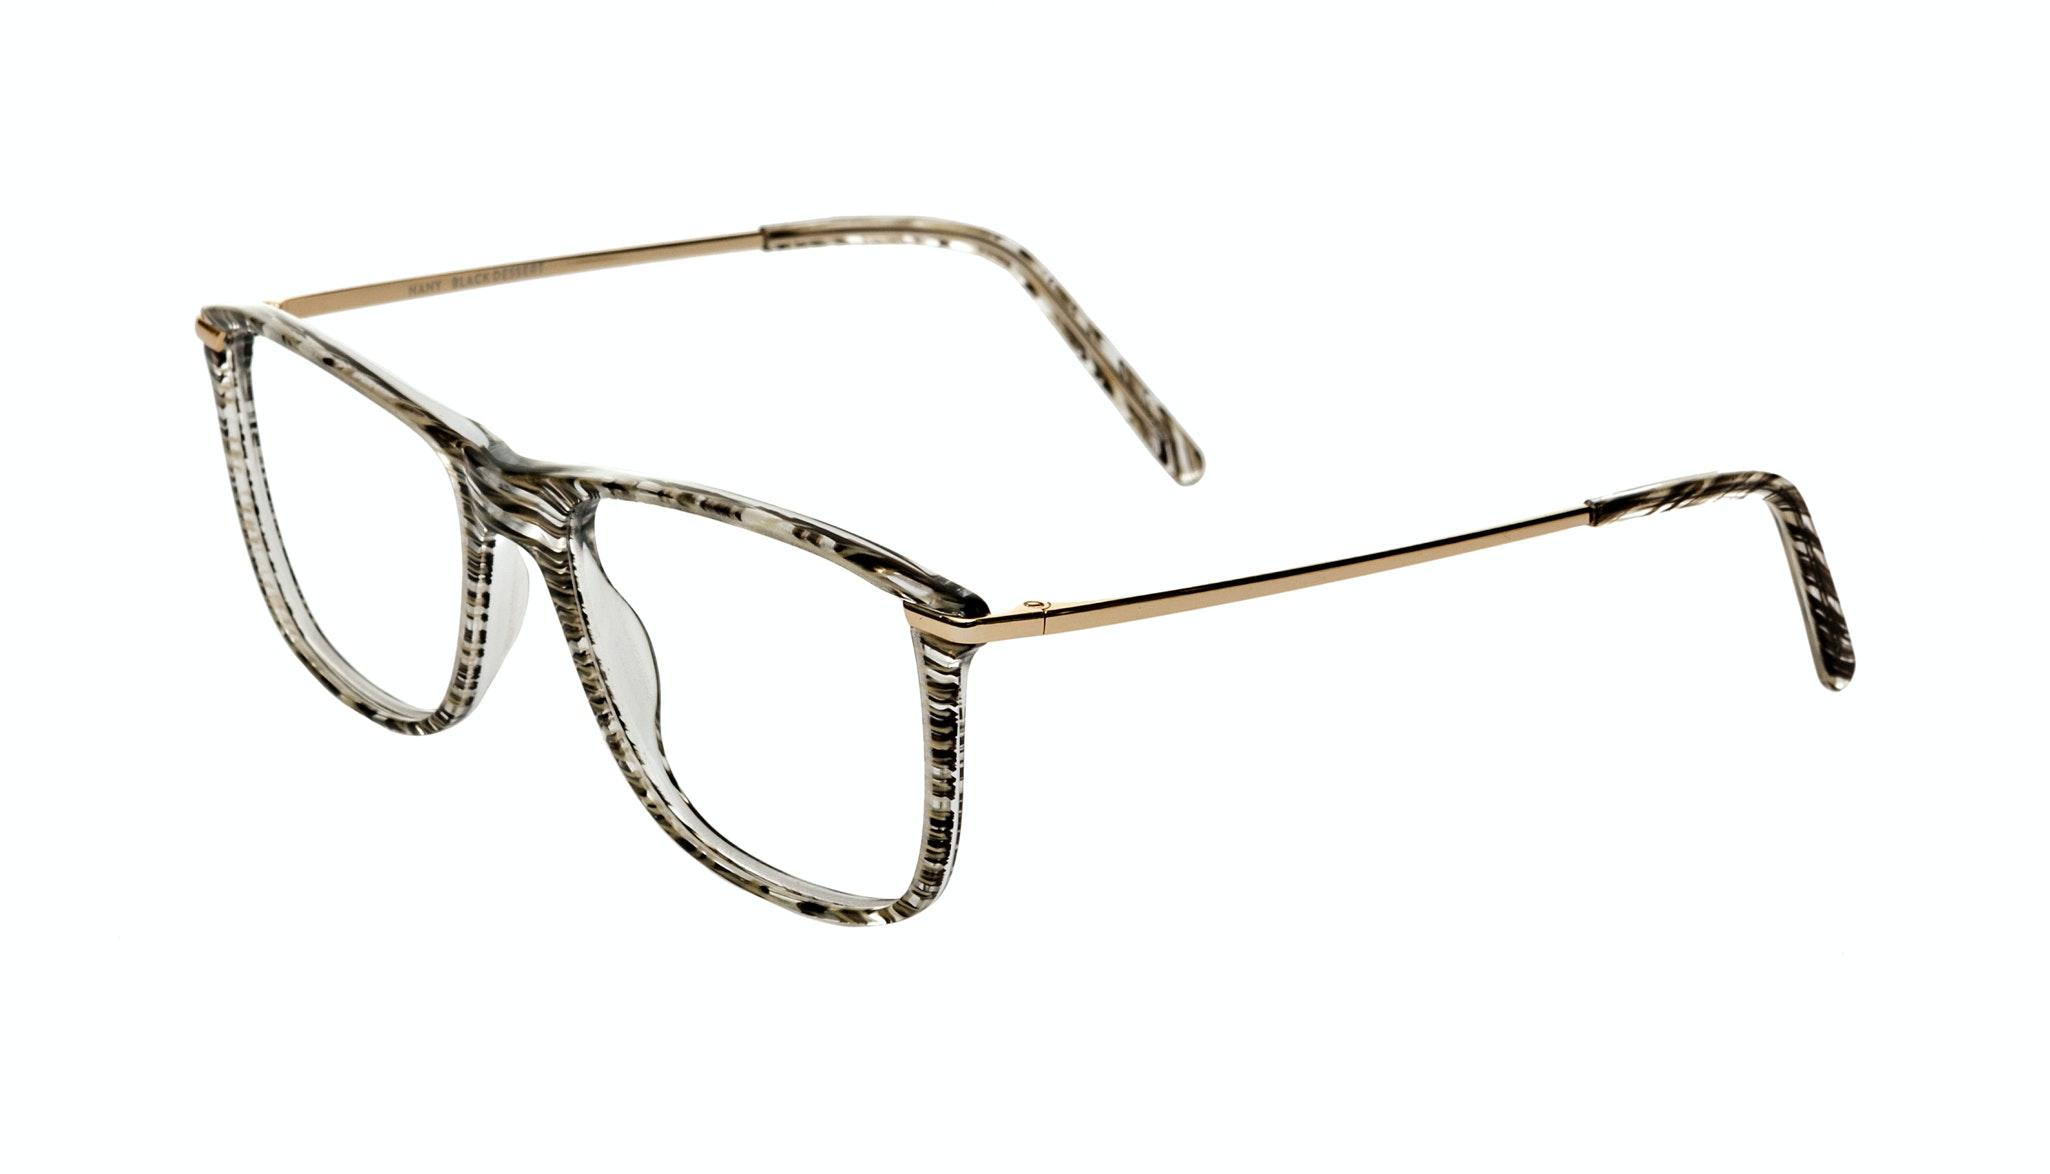 Affordable Fashion Glasses Rectangle Eyeglasses Women Nany Black Desert Tilt